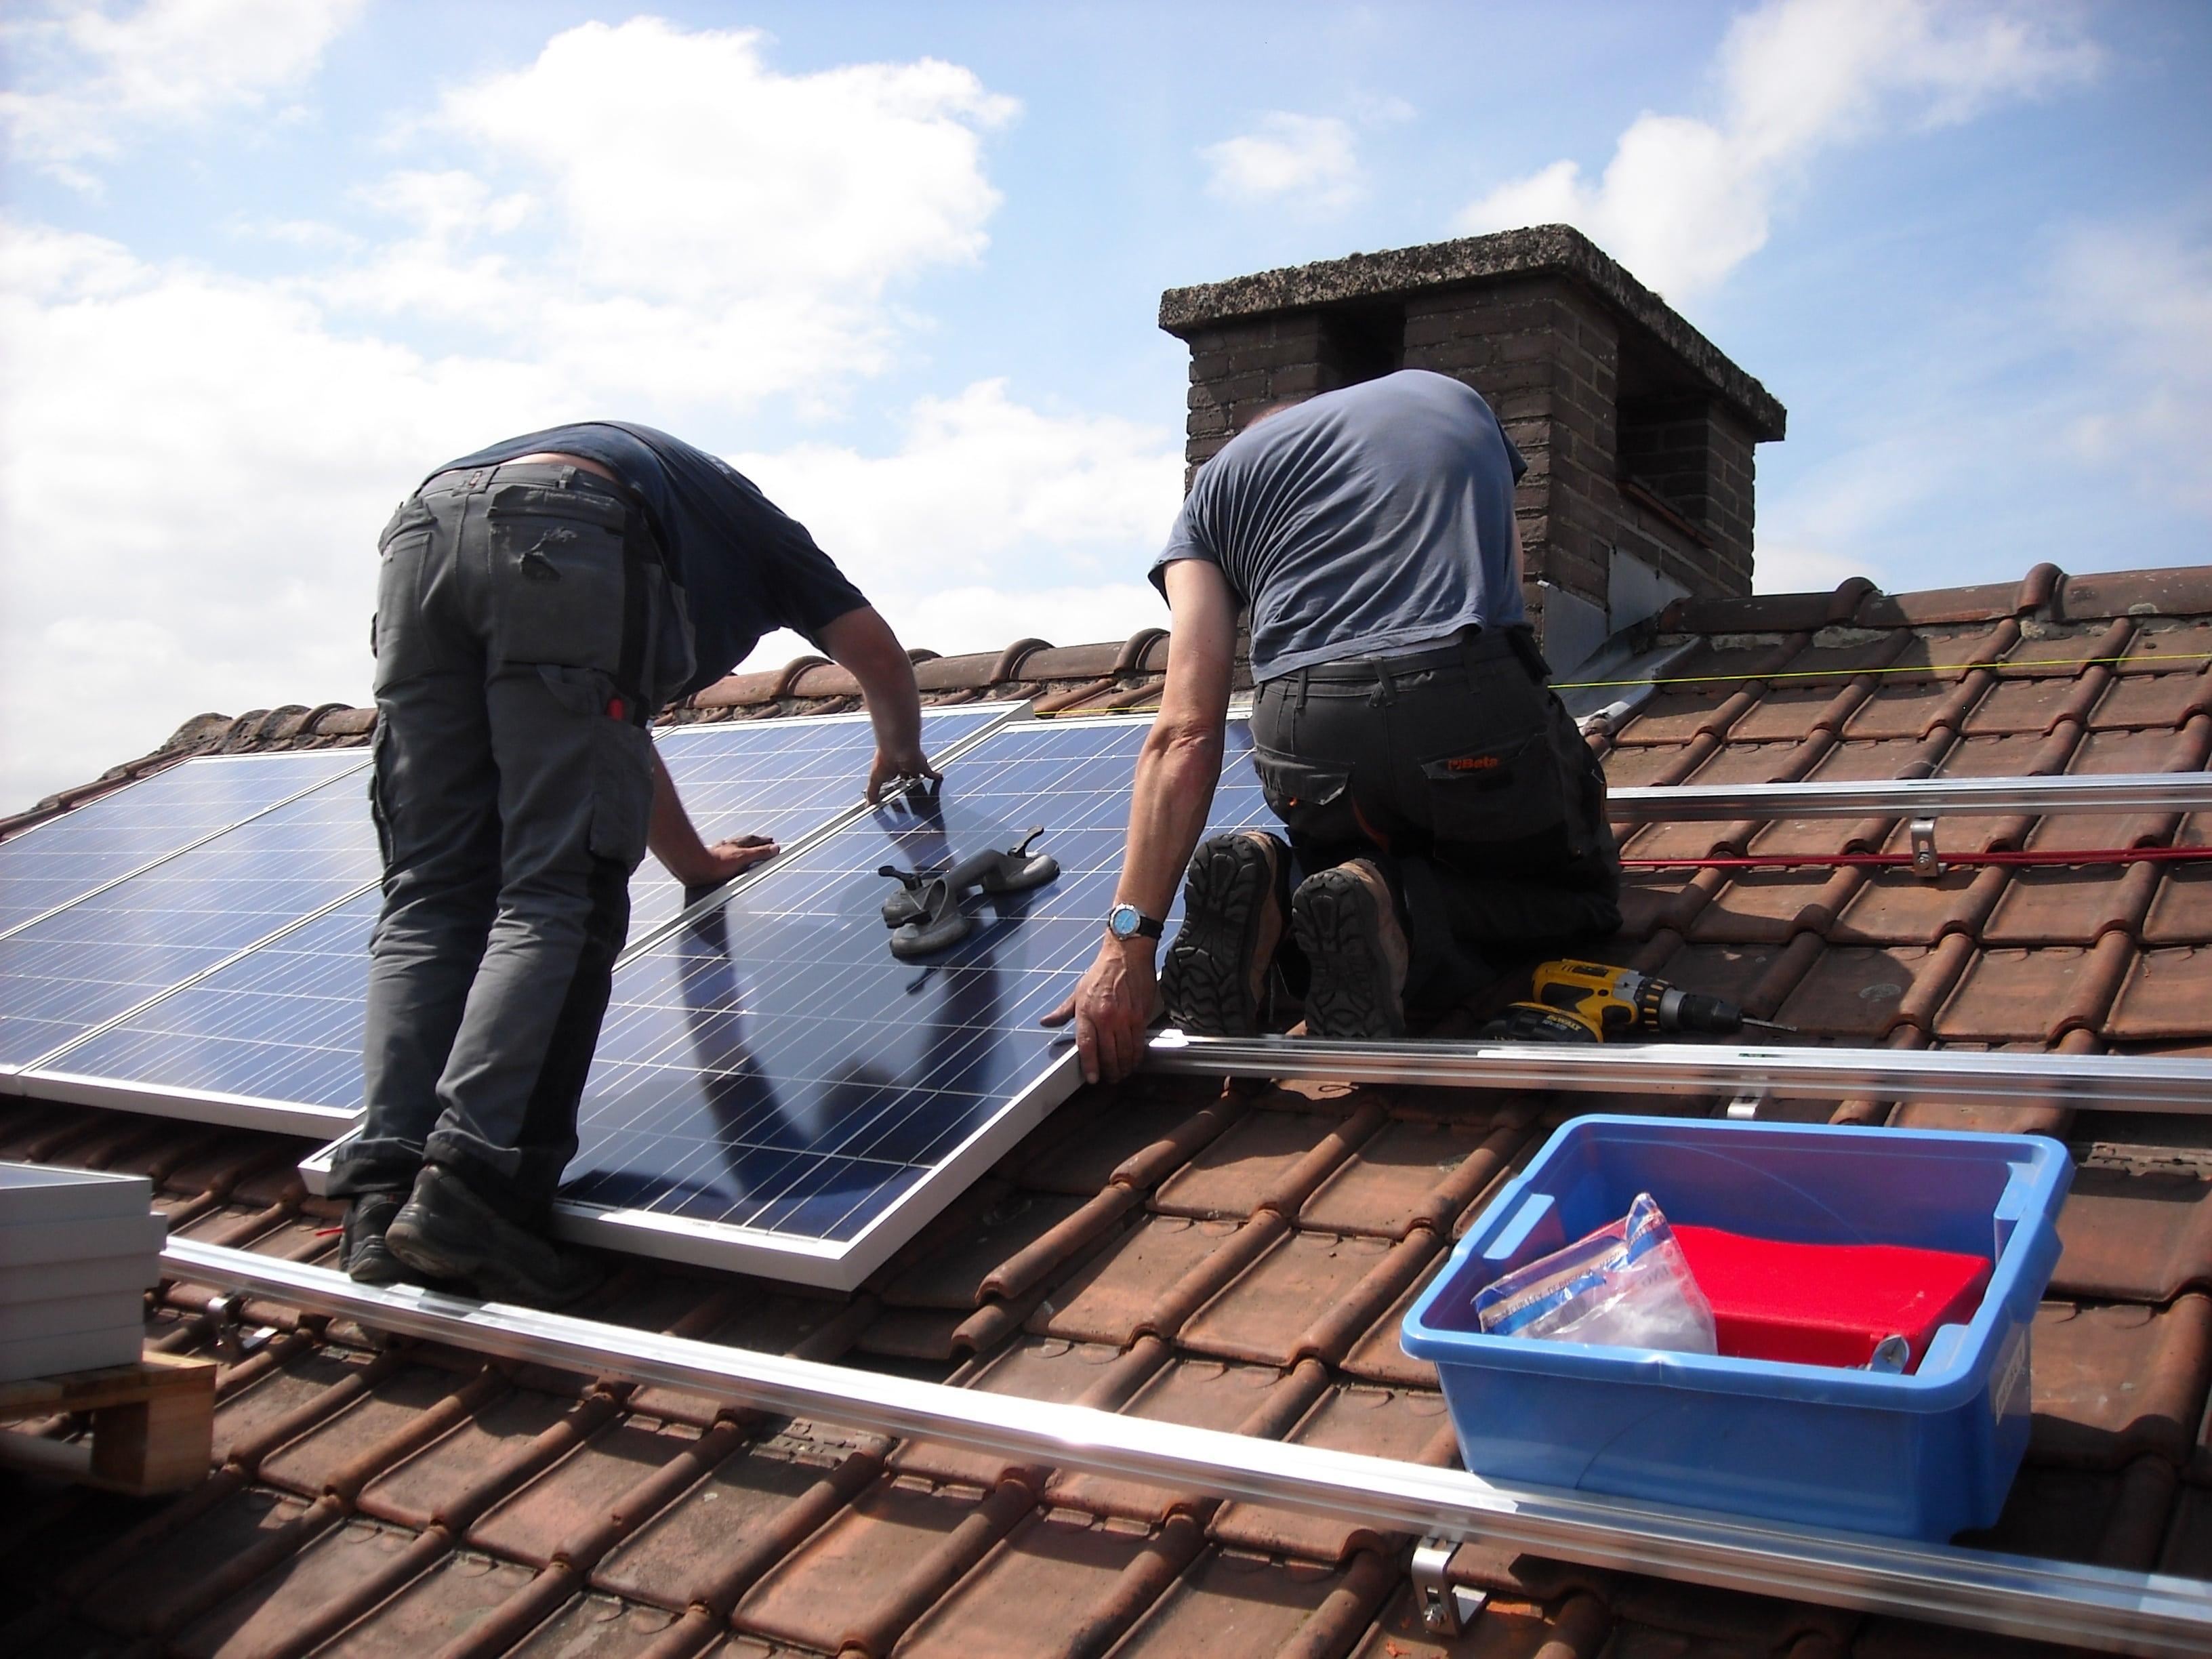 Zwei Handwerker auf einem Dach, die eine Solaranlage installieren